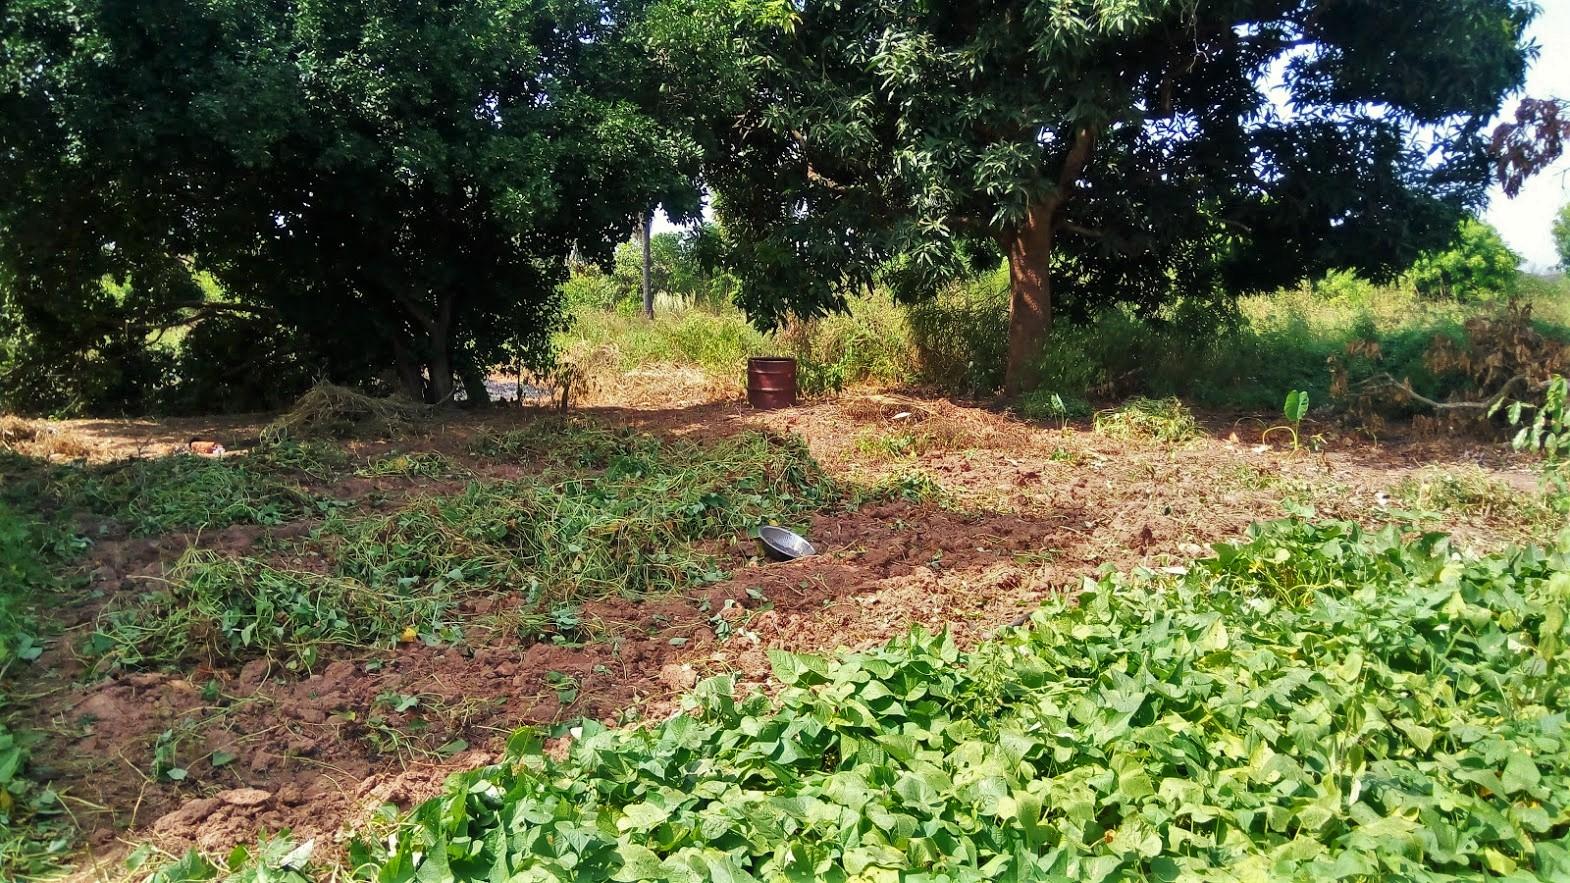 Nafi's backyard, where she has begun bush clearing.